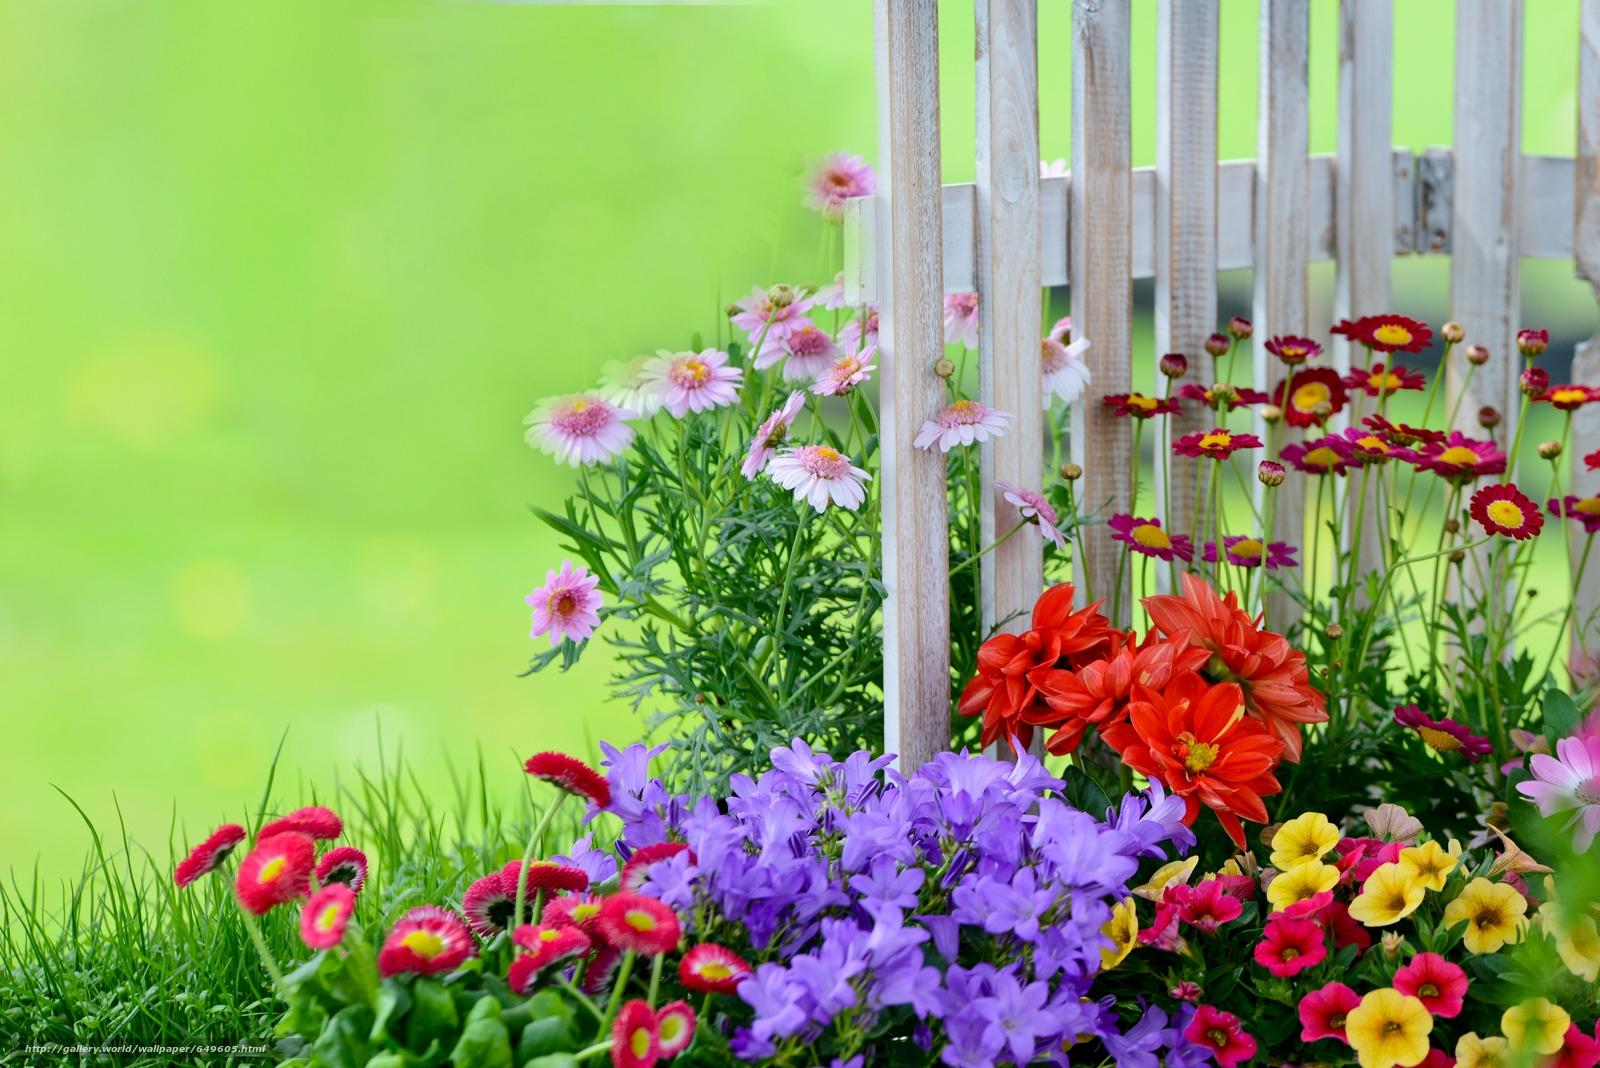 Скачать обои сад,  клумба,  забор бесплатно для рабочего стола в разрешении 5743x3833 — картинка №649605